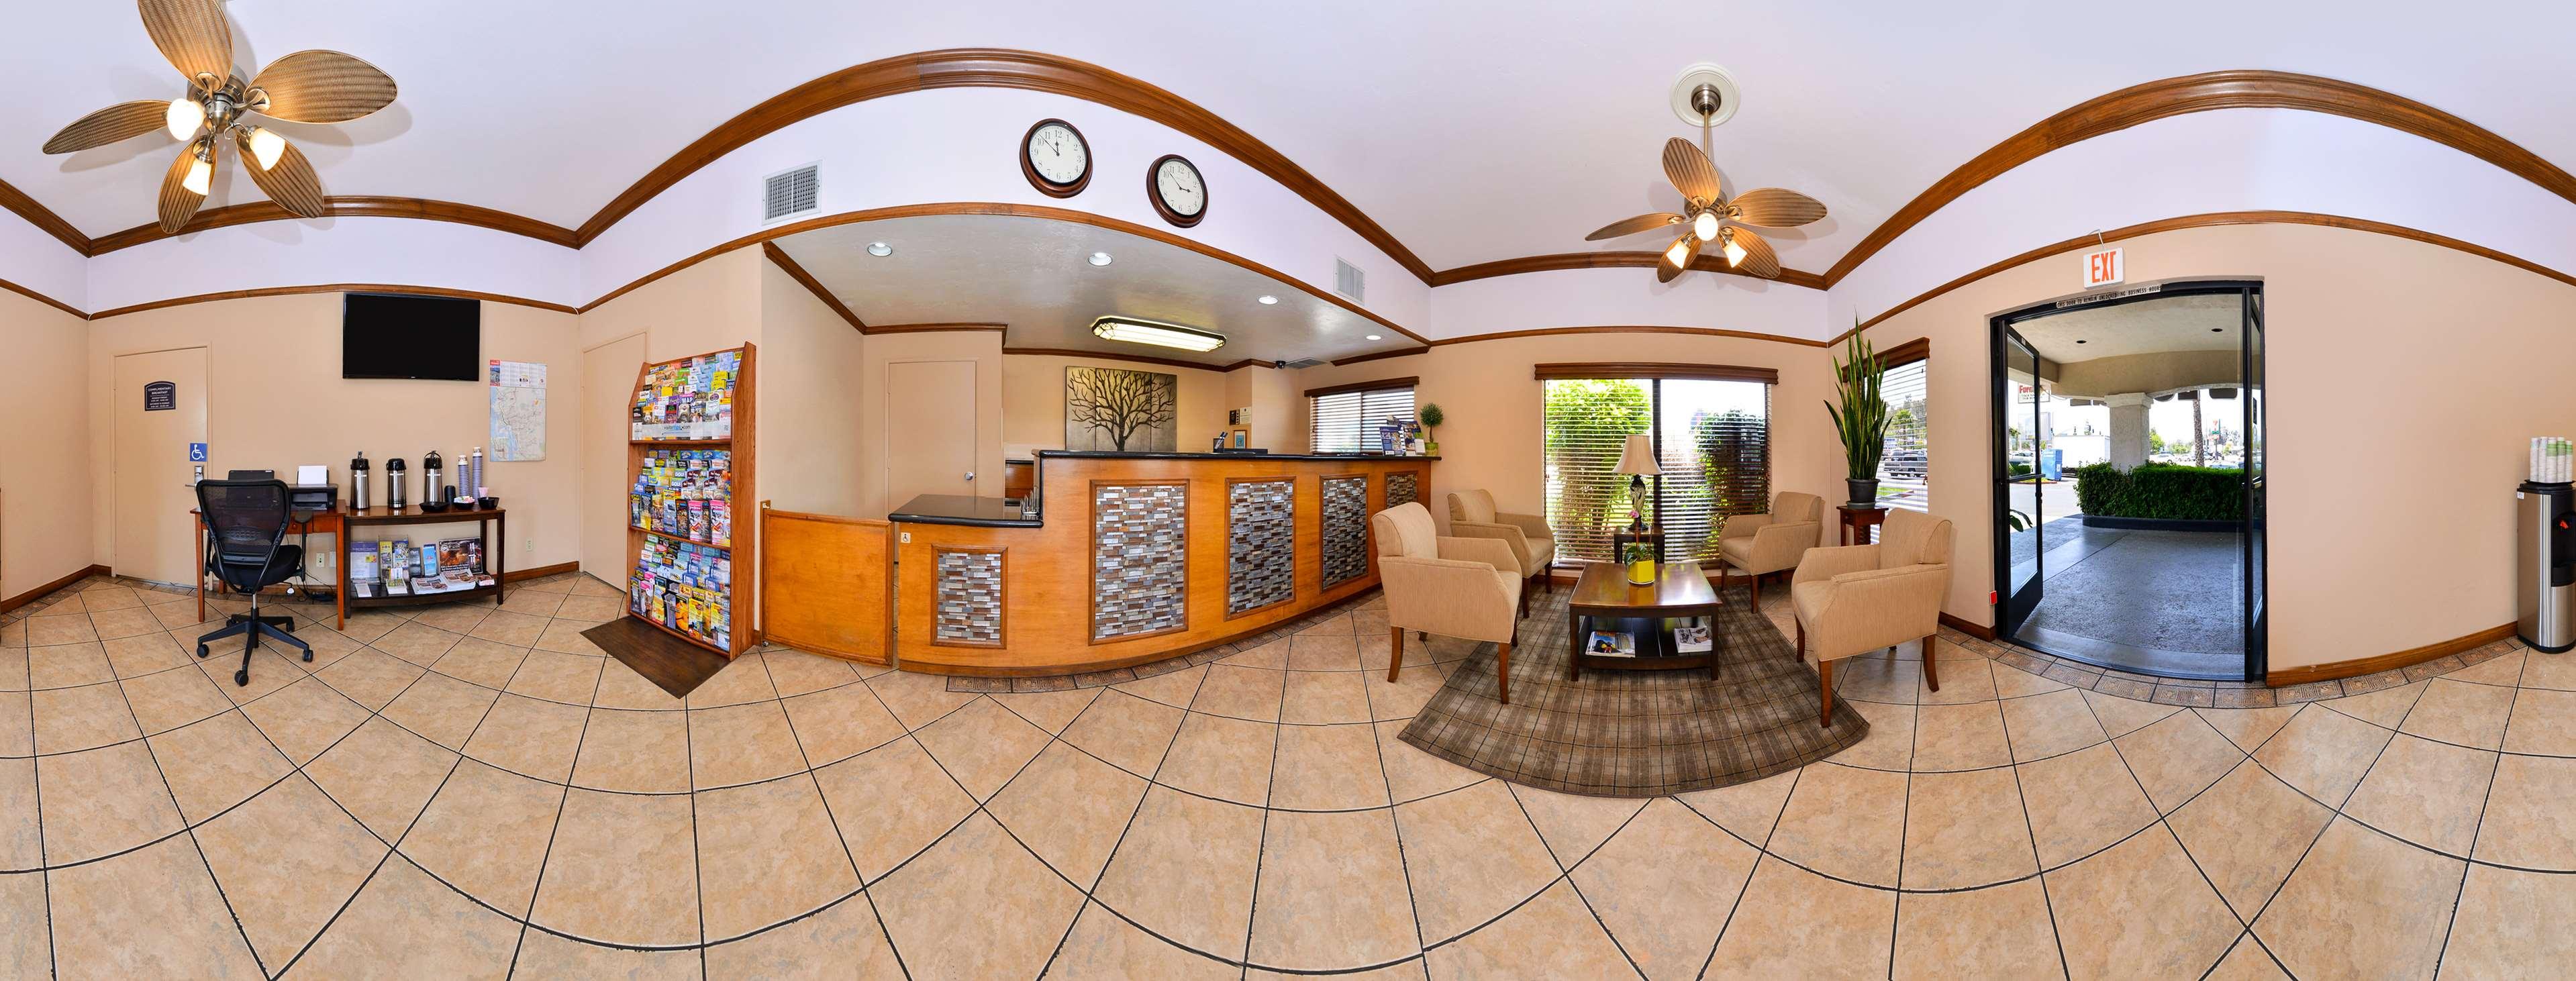 Best Western Santee Lodge image 22